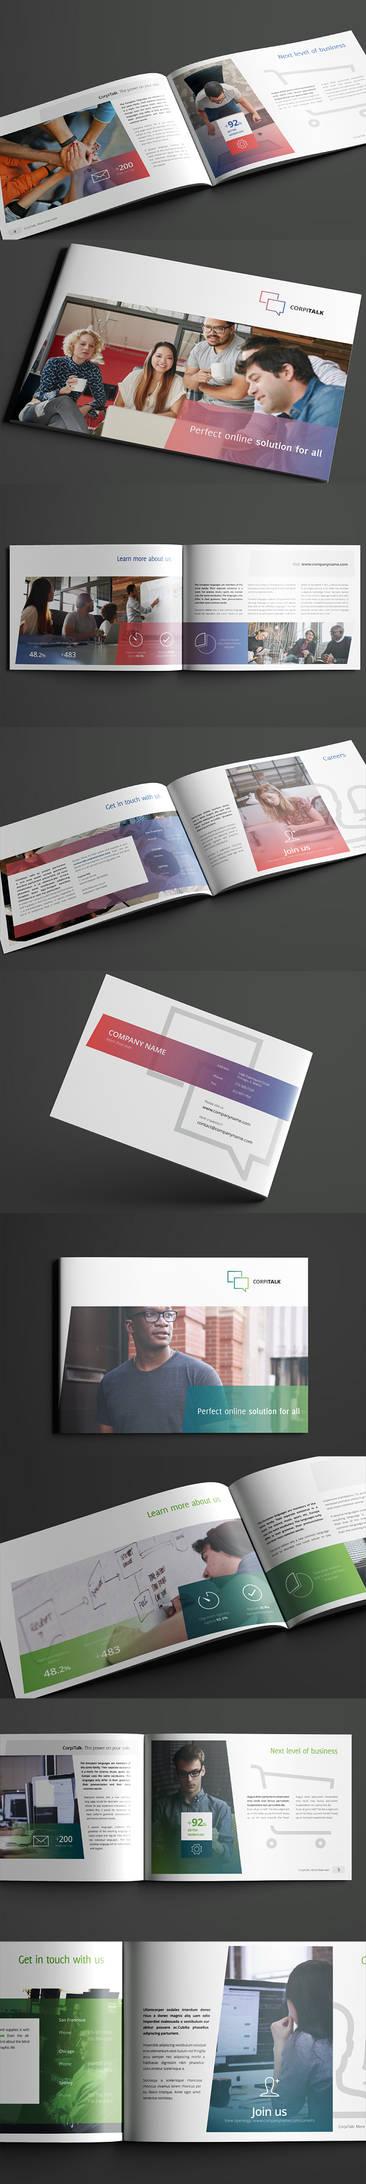 Business, Corporate Multi-purpose A4 Brochure 5